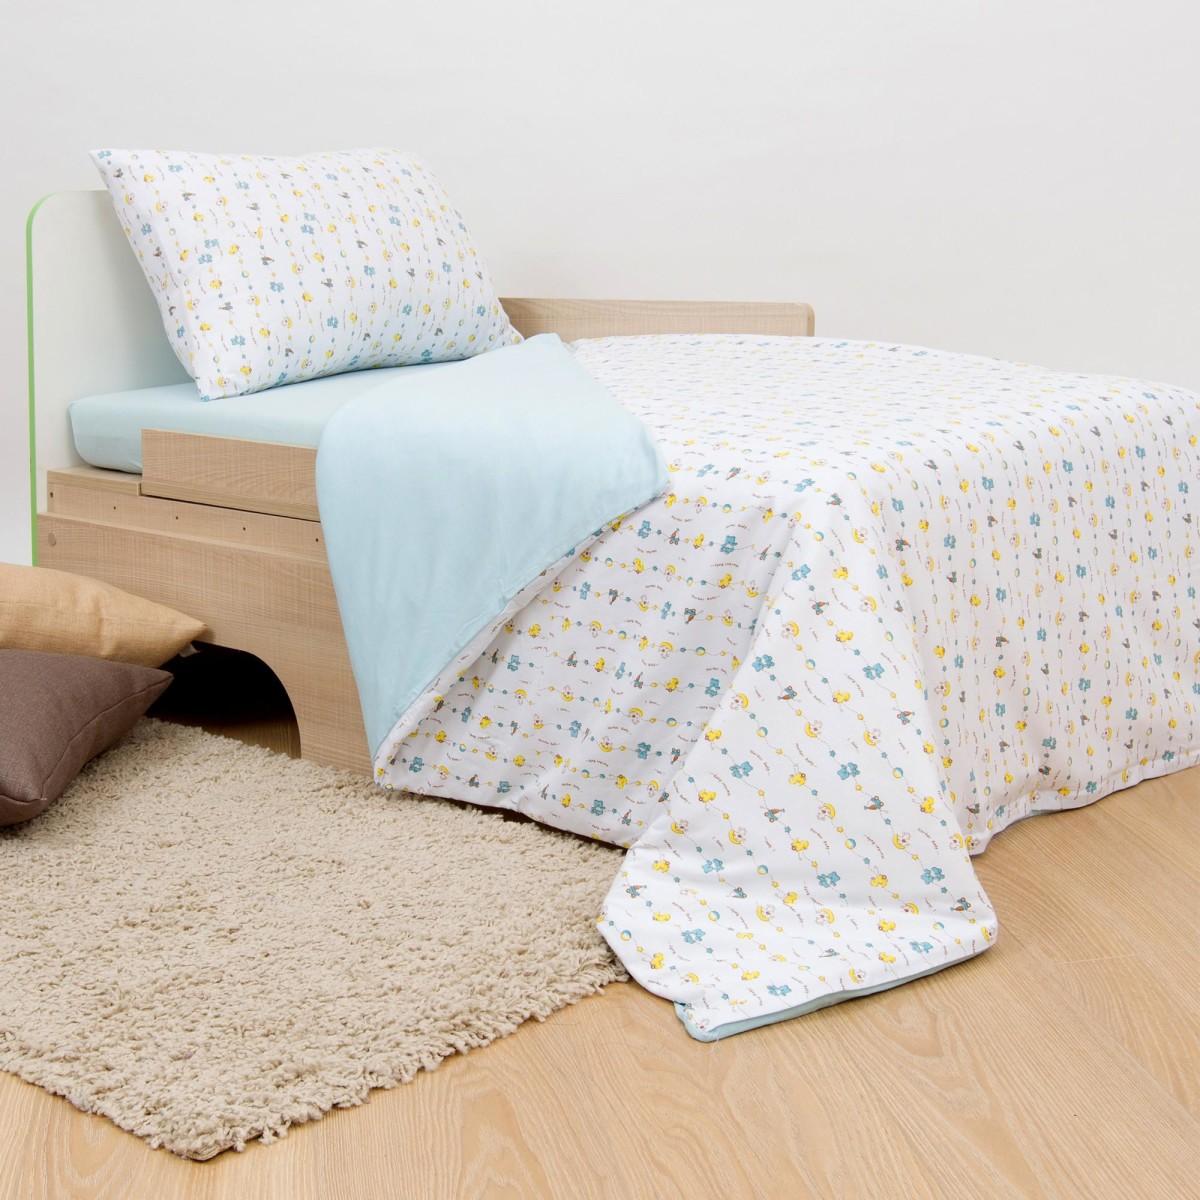 Комплект постельного белья Игрушки в кроватку трикотаж 3 предмета